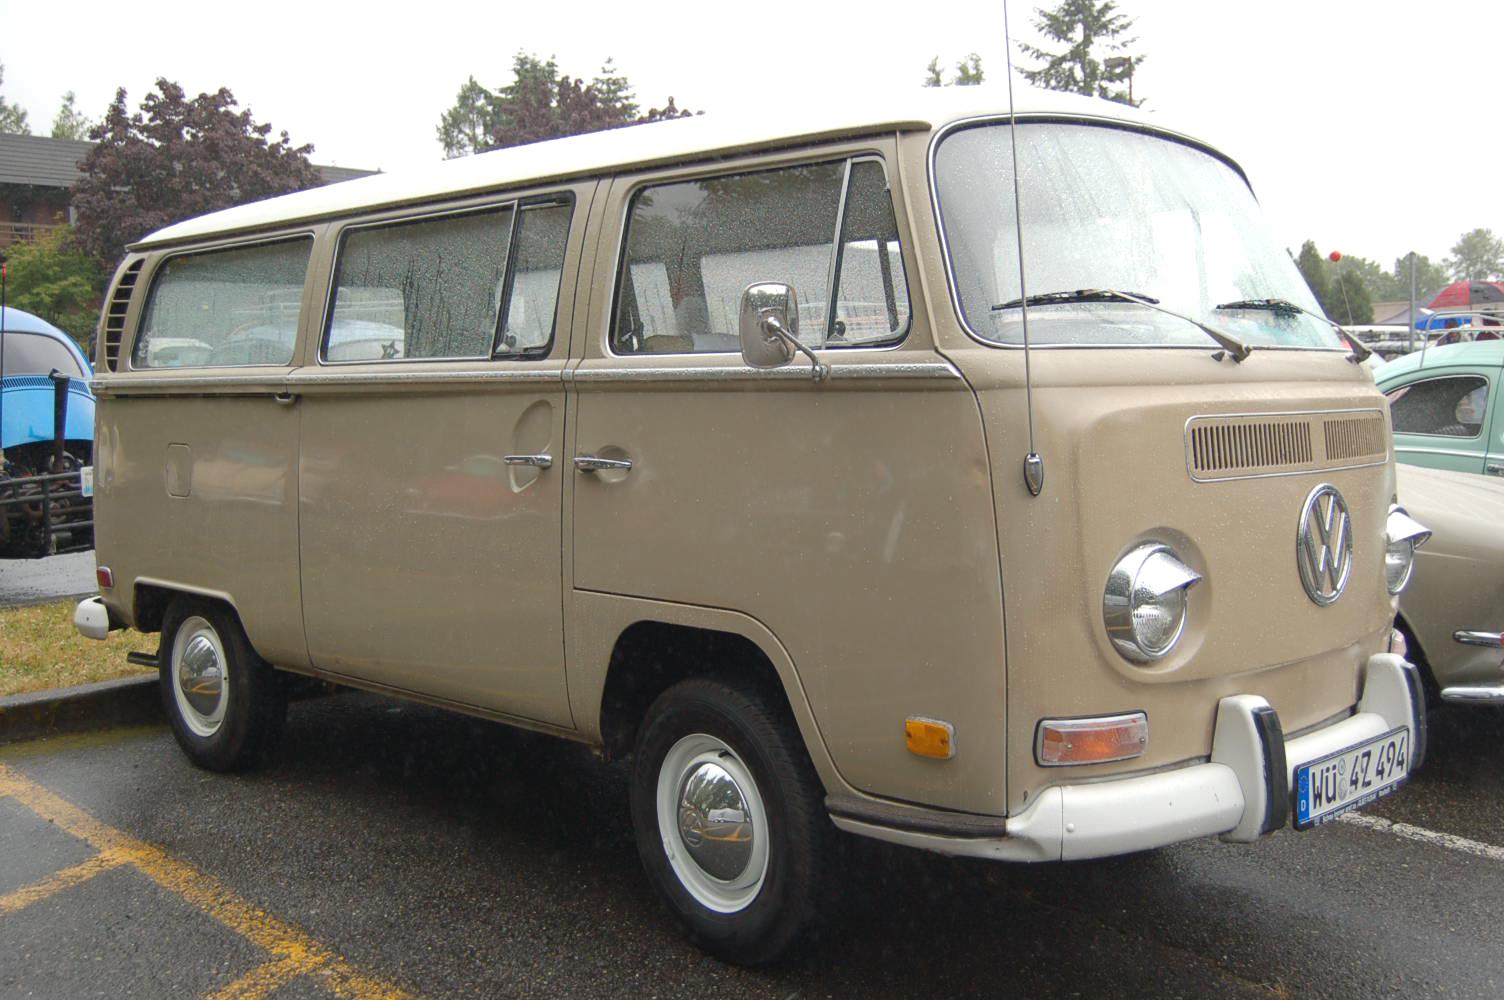 Vw Bay Window Bus In Original L620 Savannah Beige